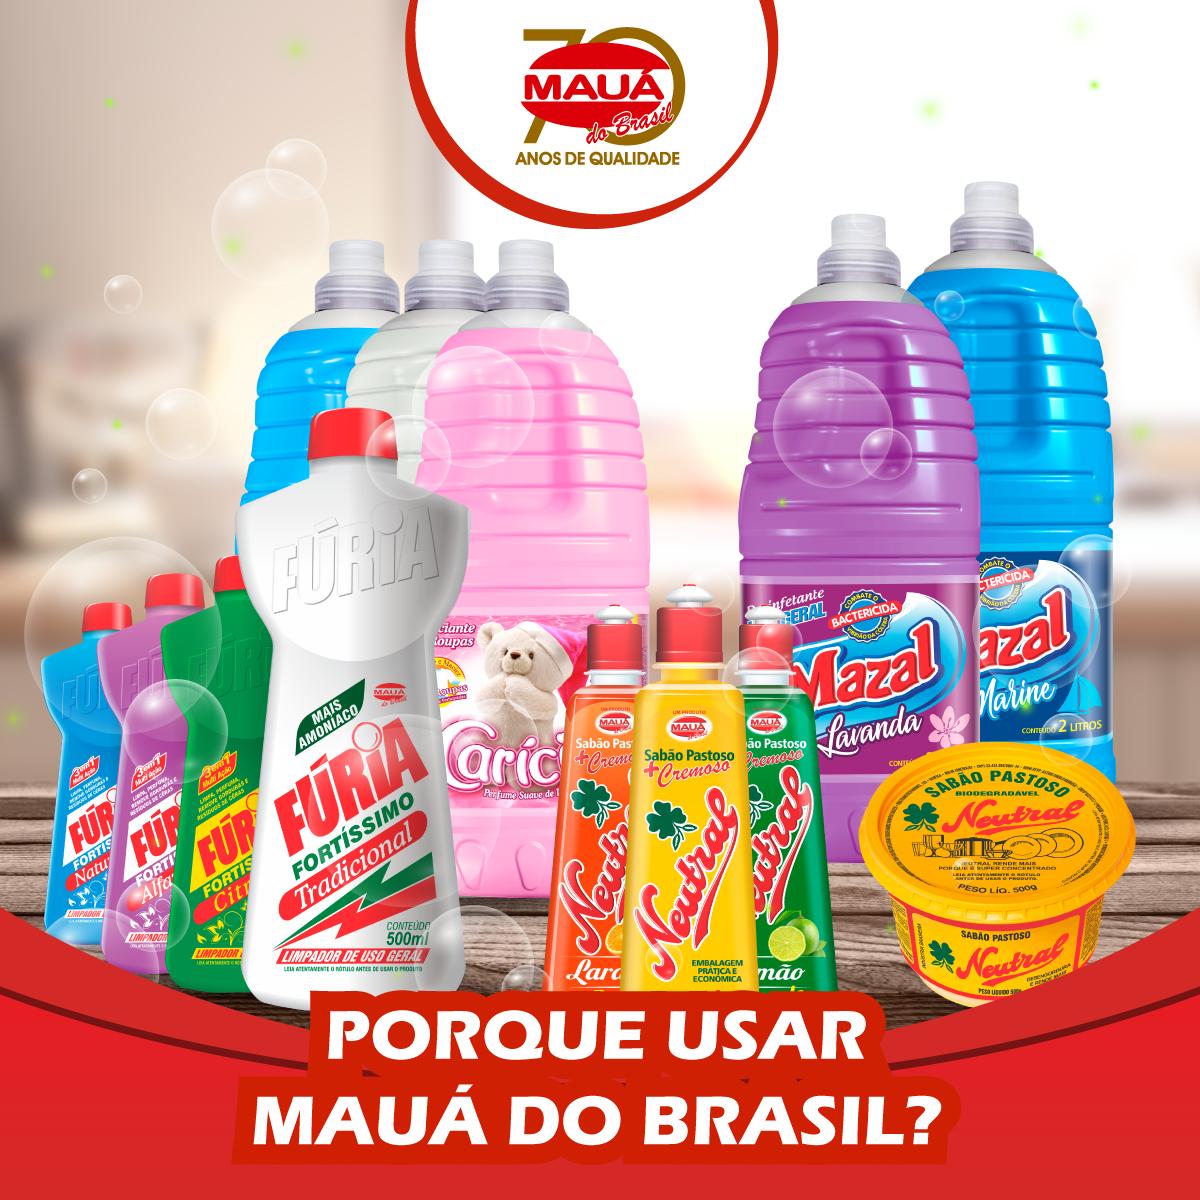 Produtos Mauá do Brasil